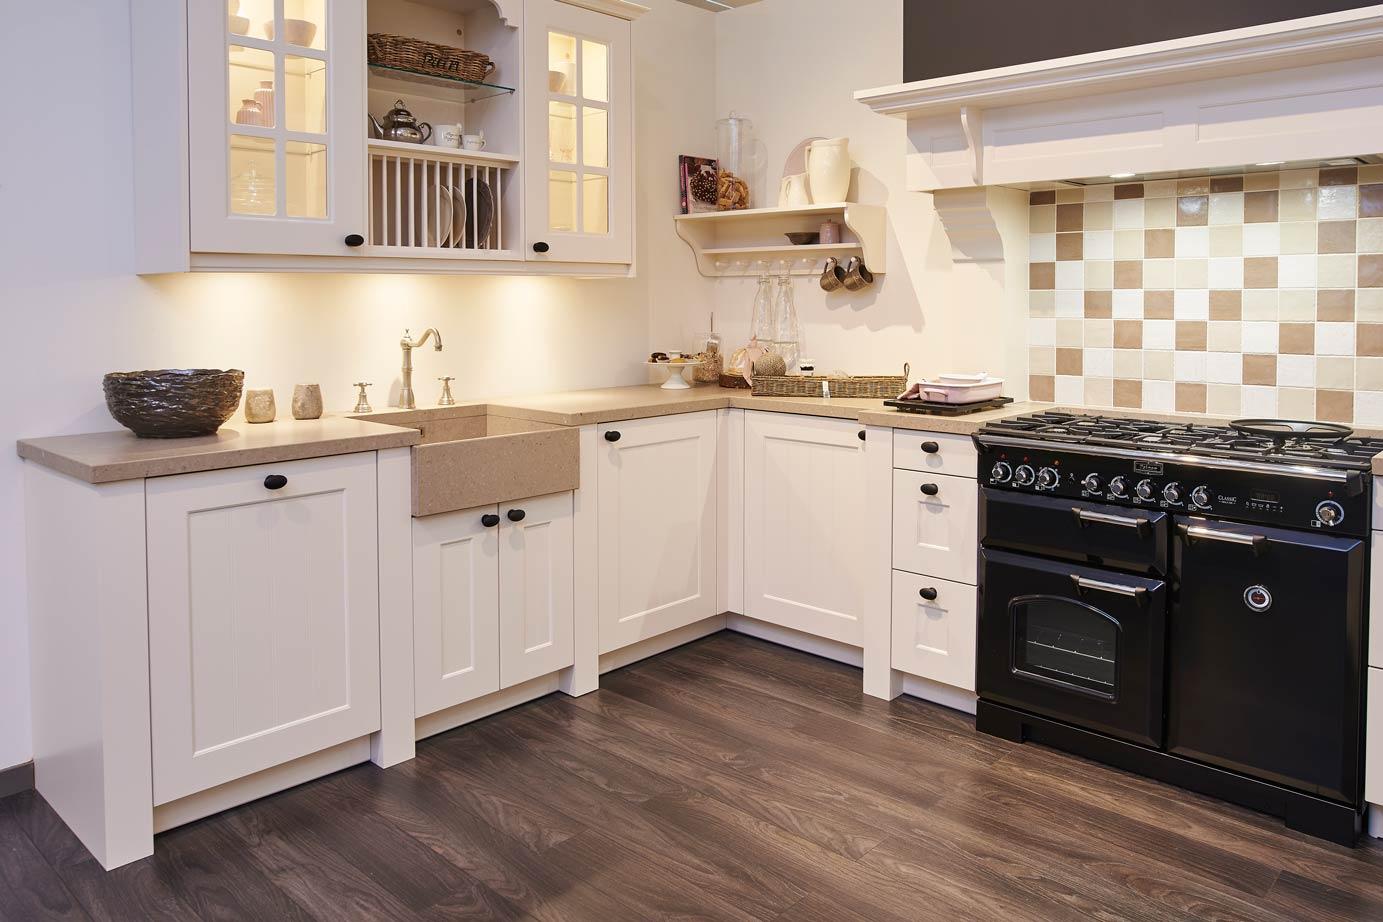 Klassieke keukens beleef de sfeer en rust van vroeger db keukens